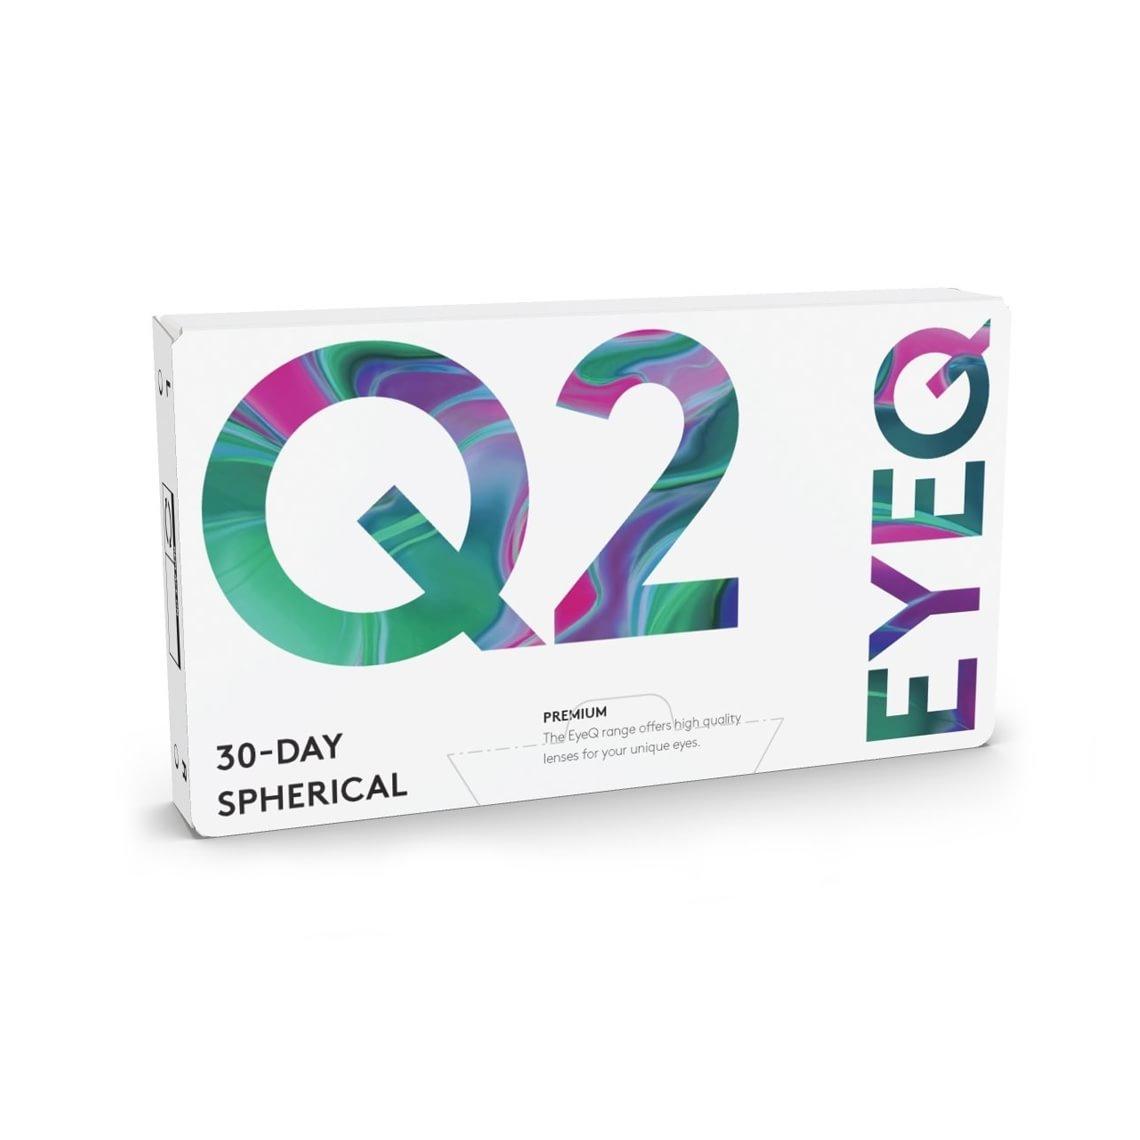 EyeQ Premium Q2 6 st/box